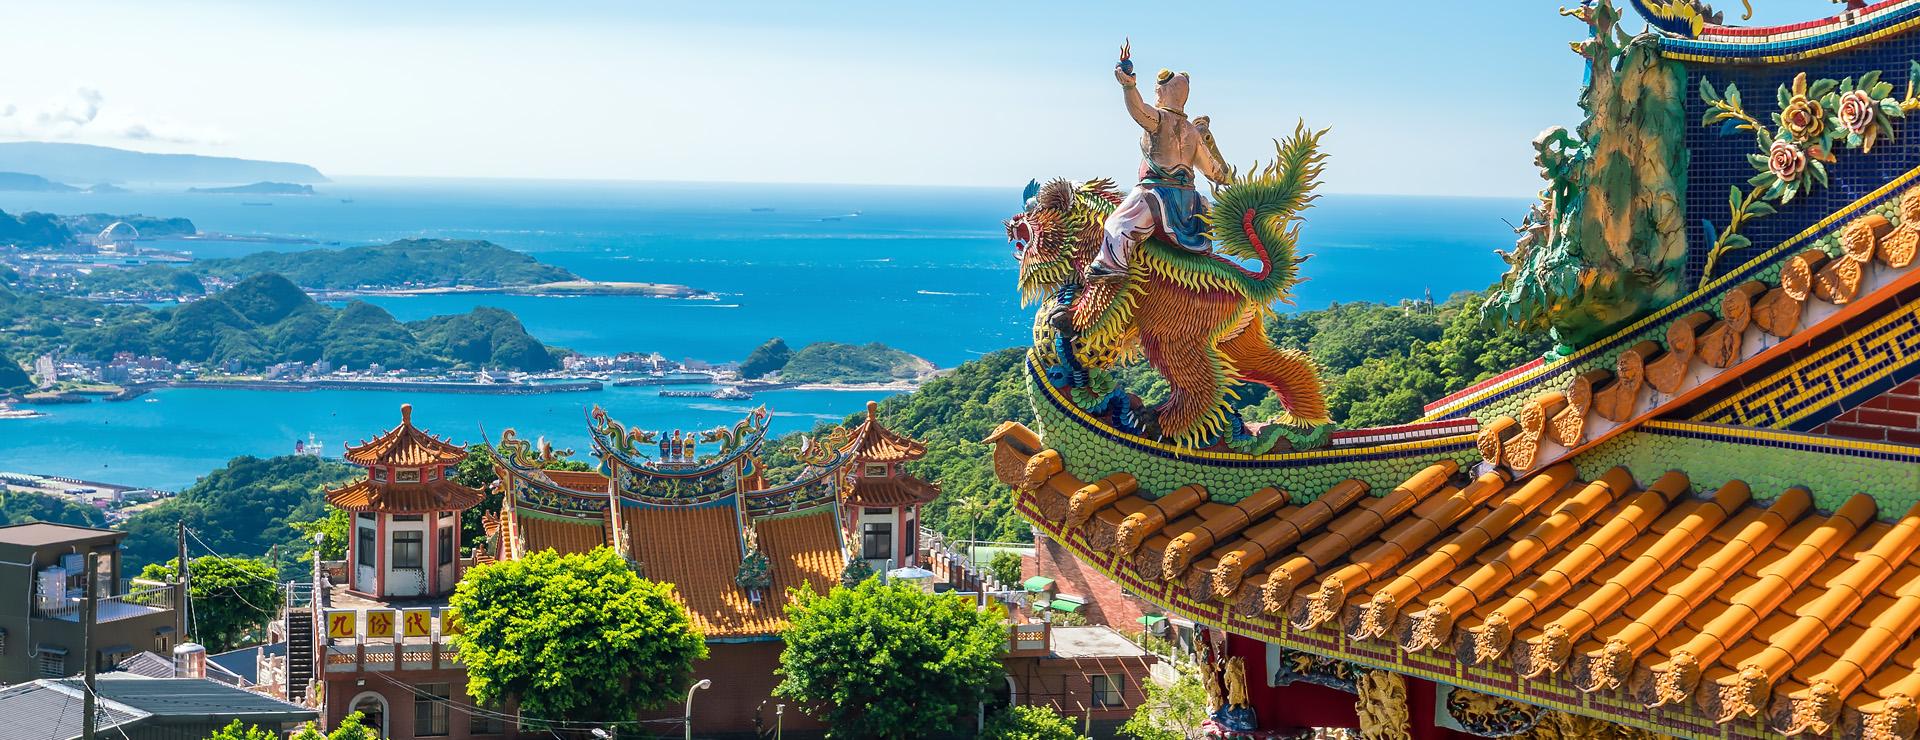 Taiwan – Taipei Jiufen